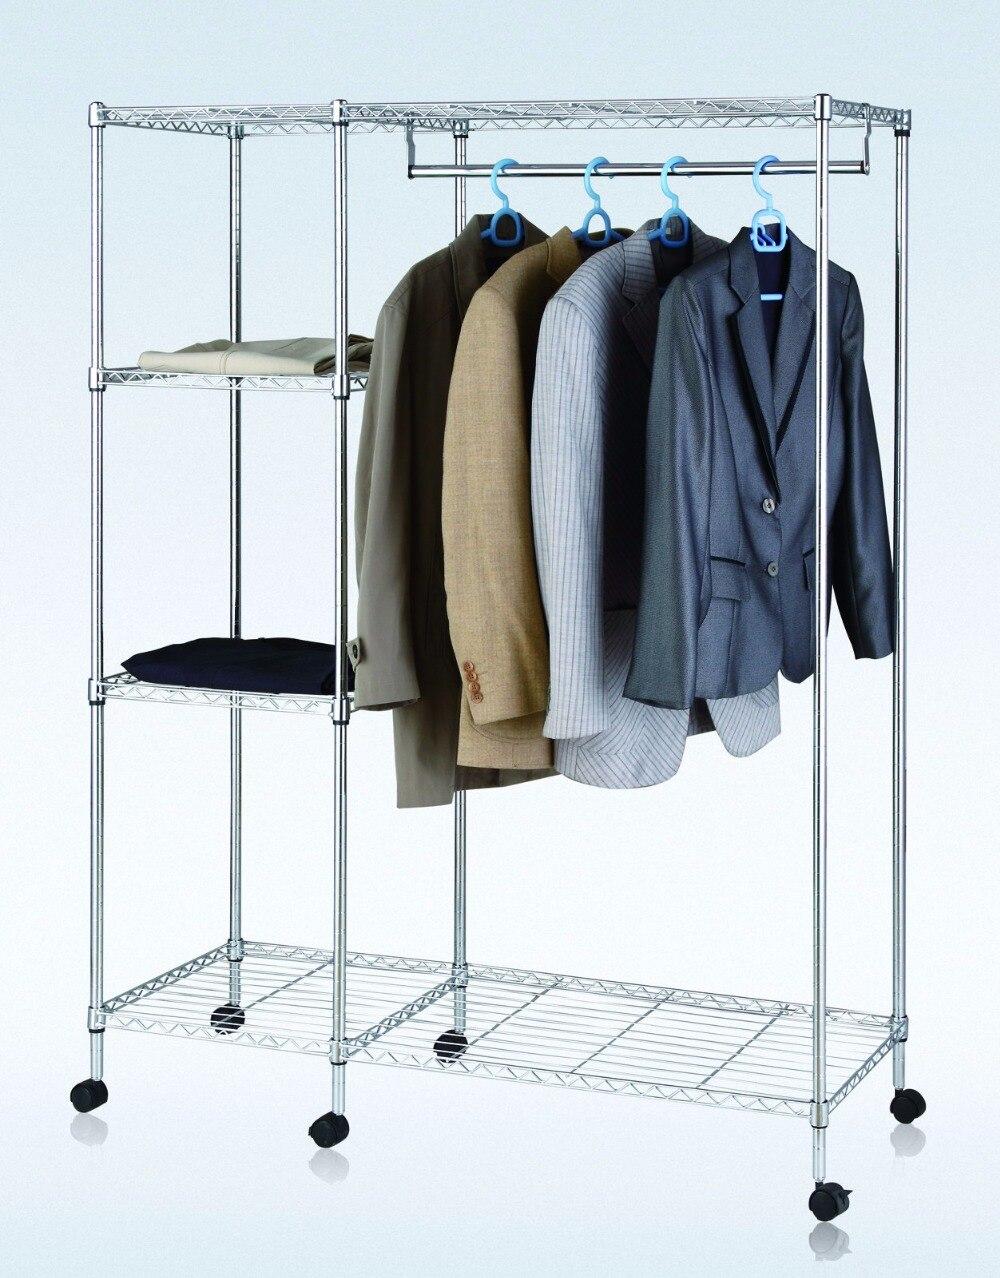 Chrome Metal Wardrobe 4 Layers Storage Rack 48x48x60